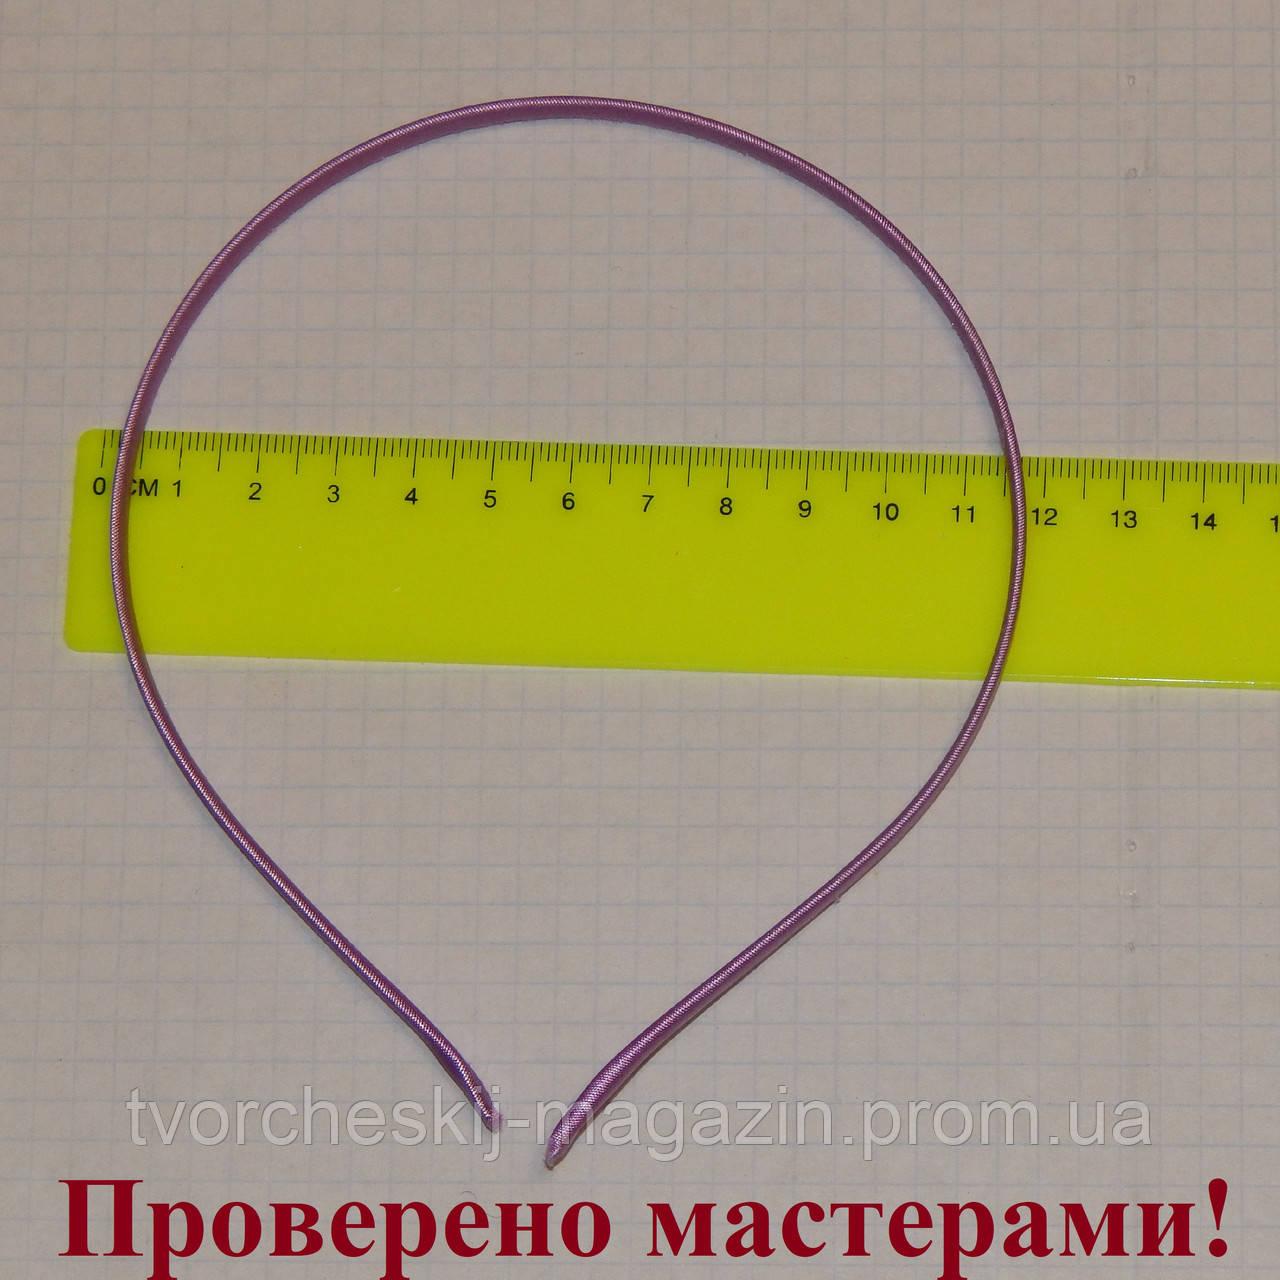 Ободок металлический в ткани 5 мм фиолетовый